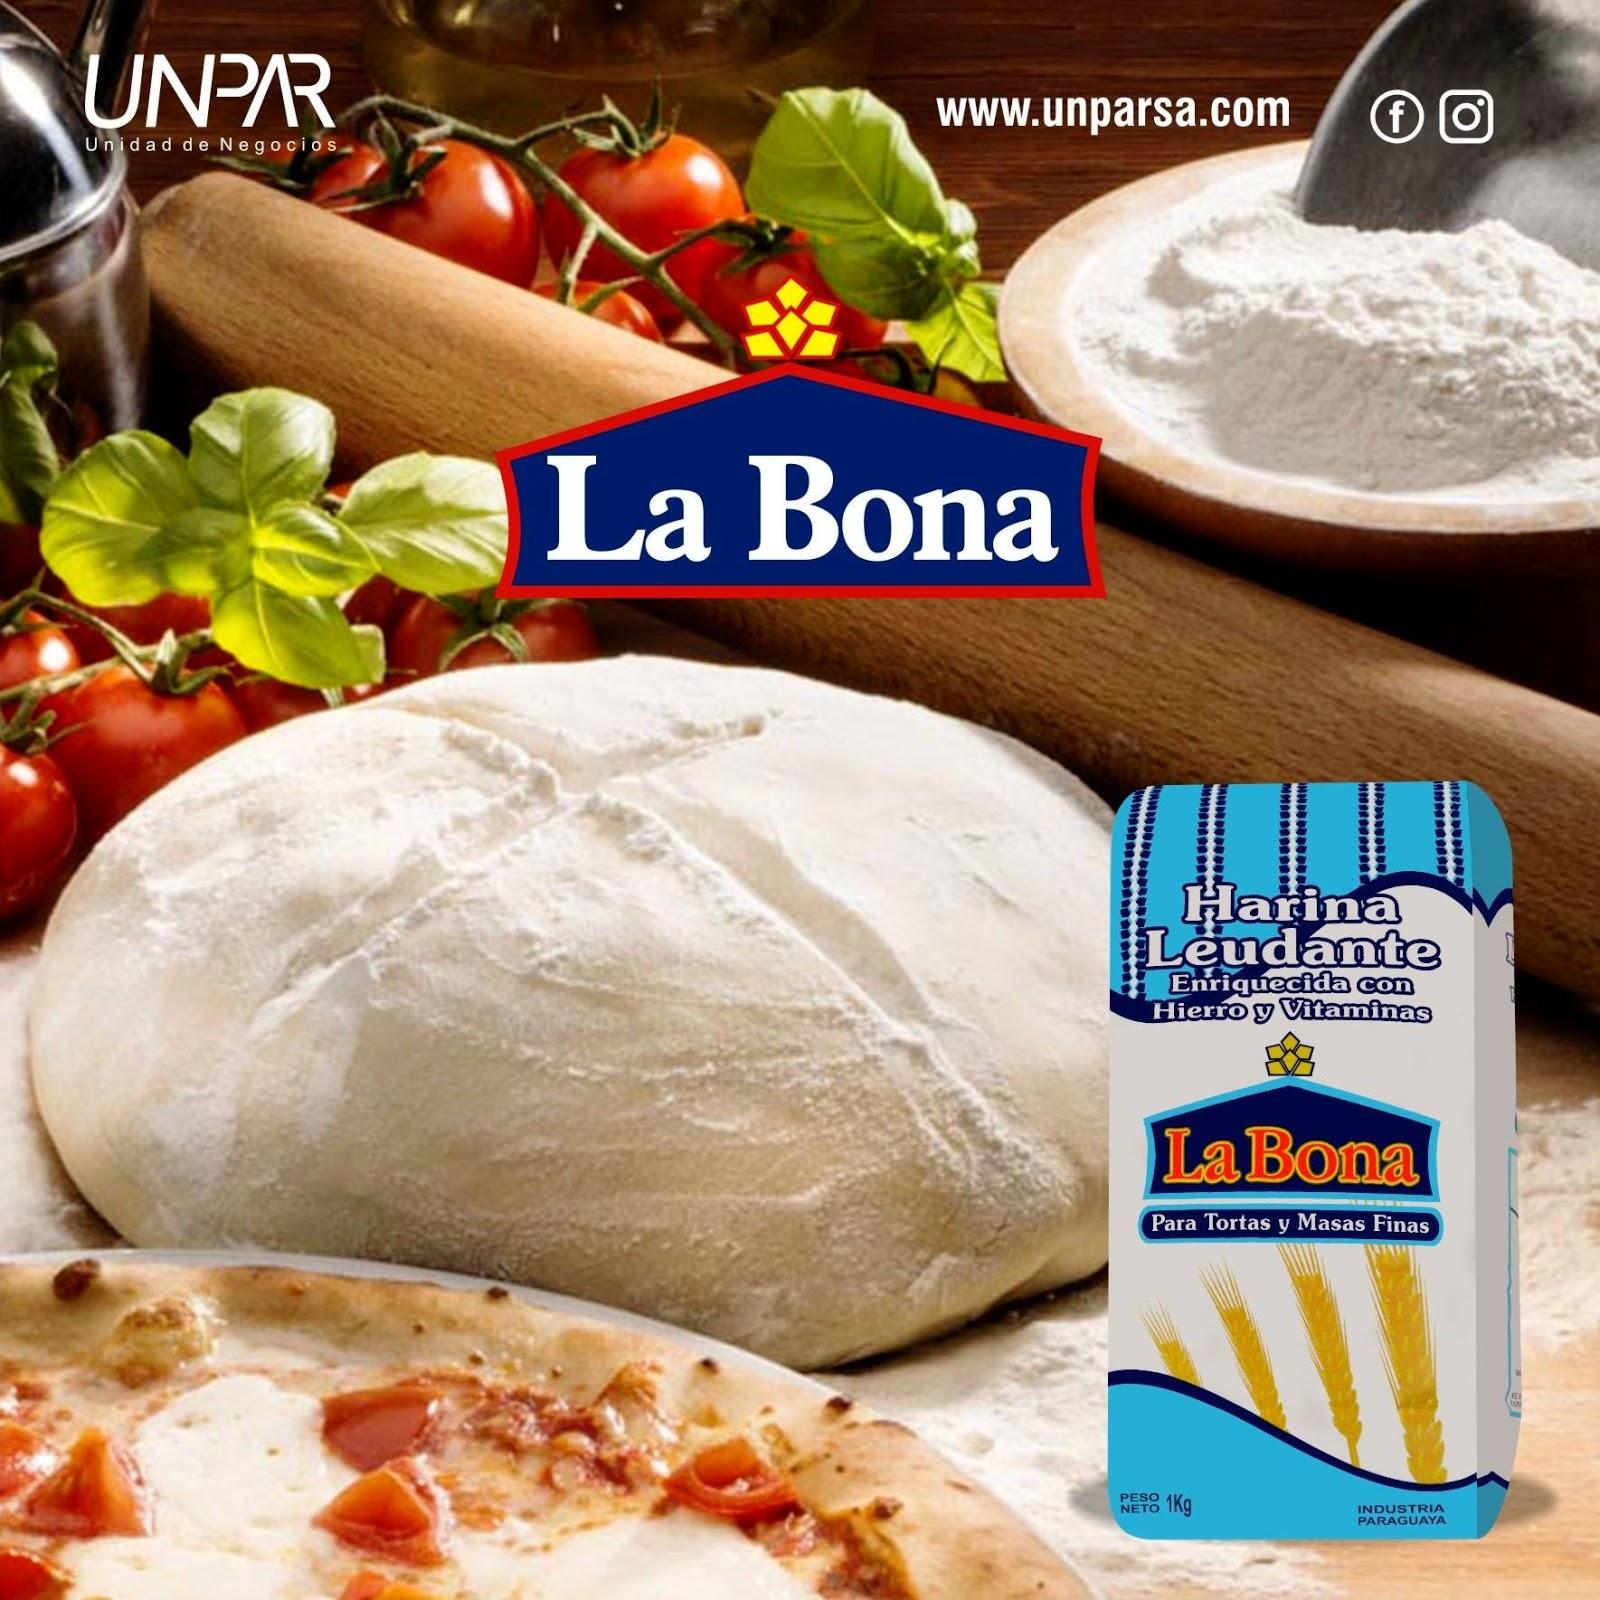 receta de pizzas caseras con harina leudante